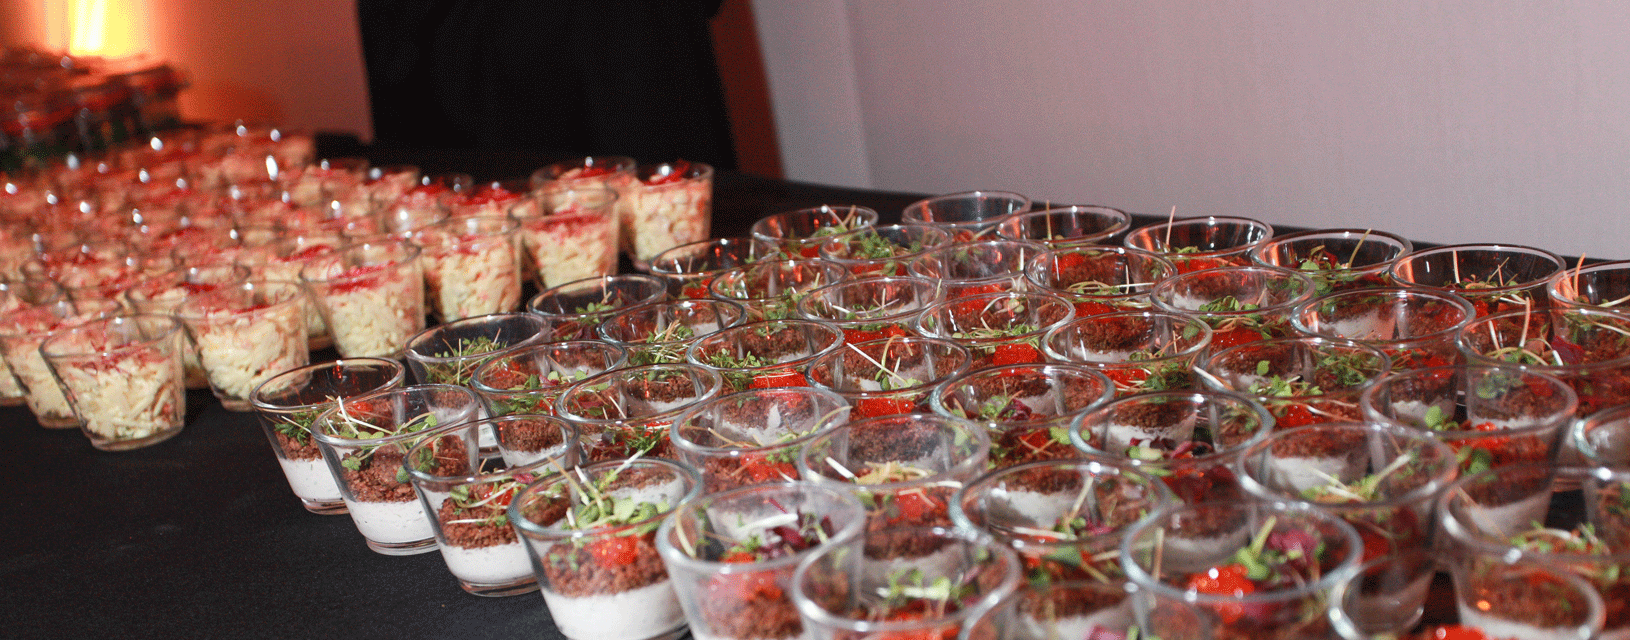 eventagentur-pforzheim-catering